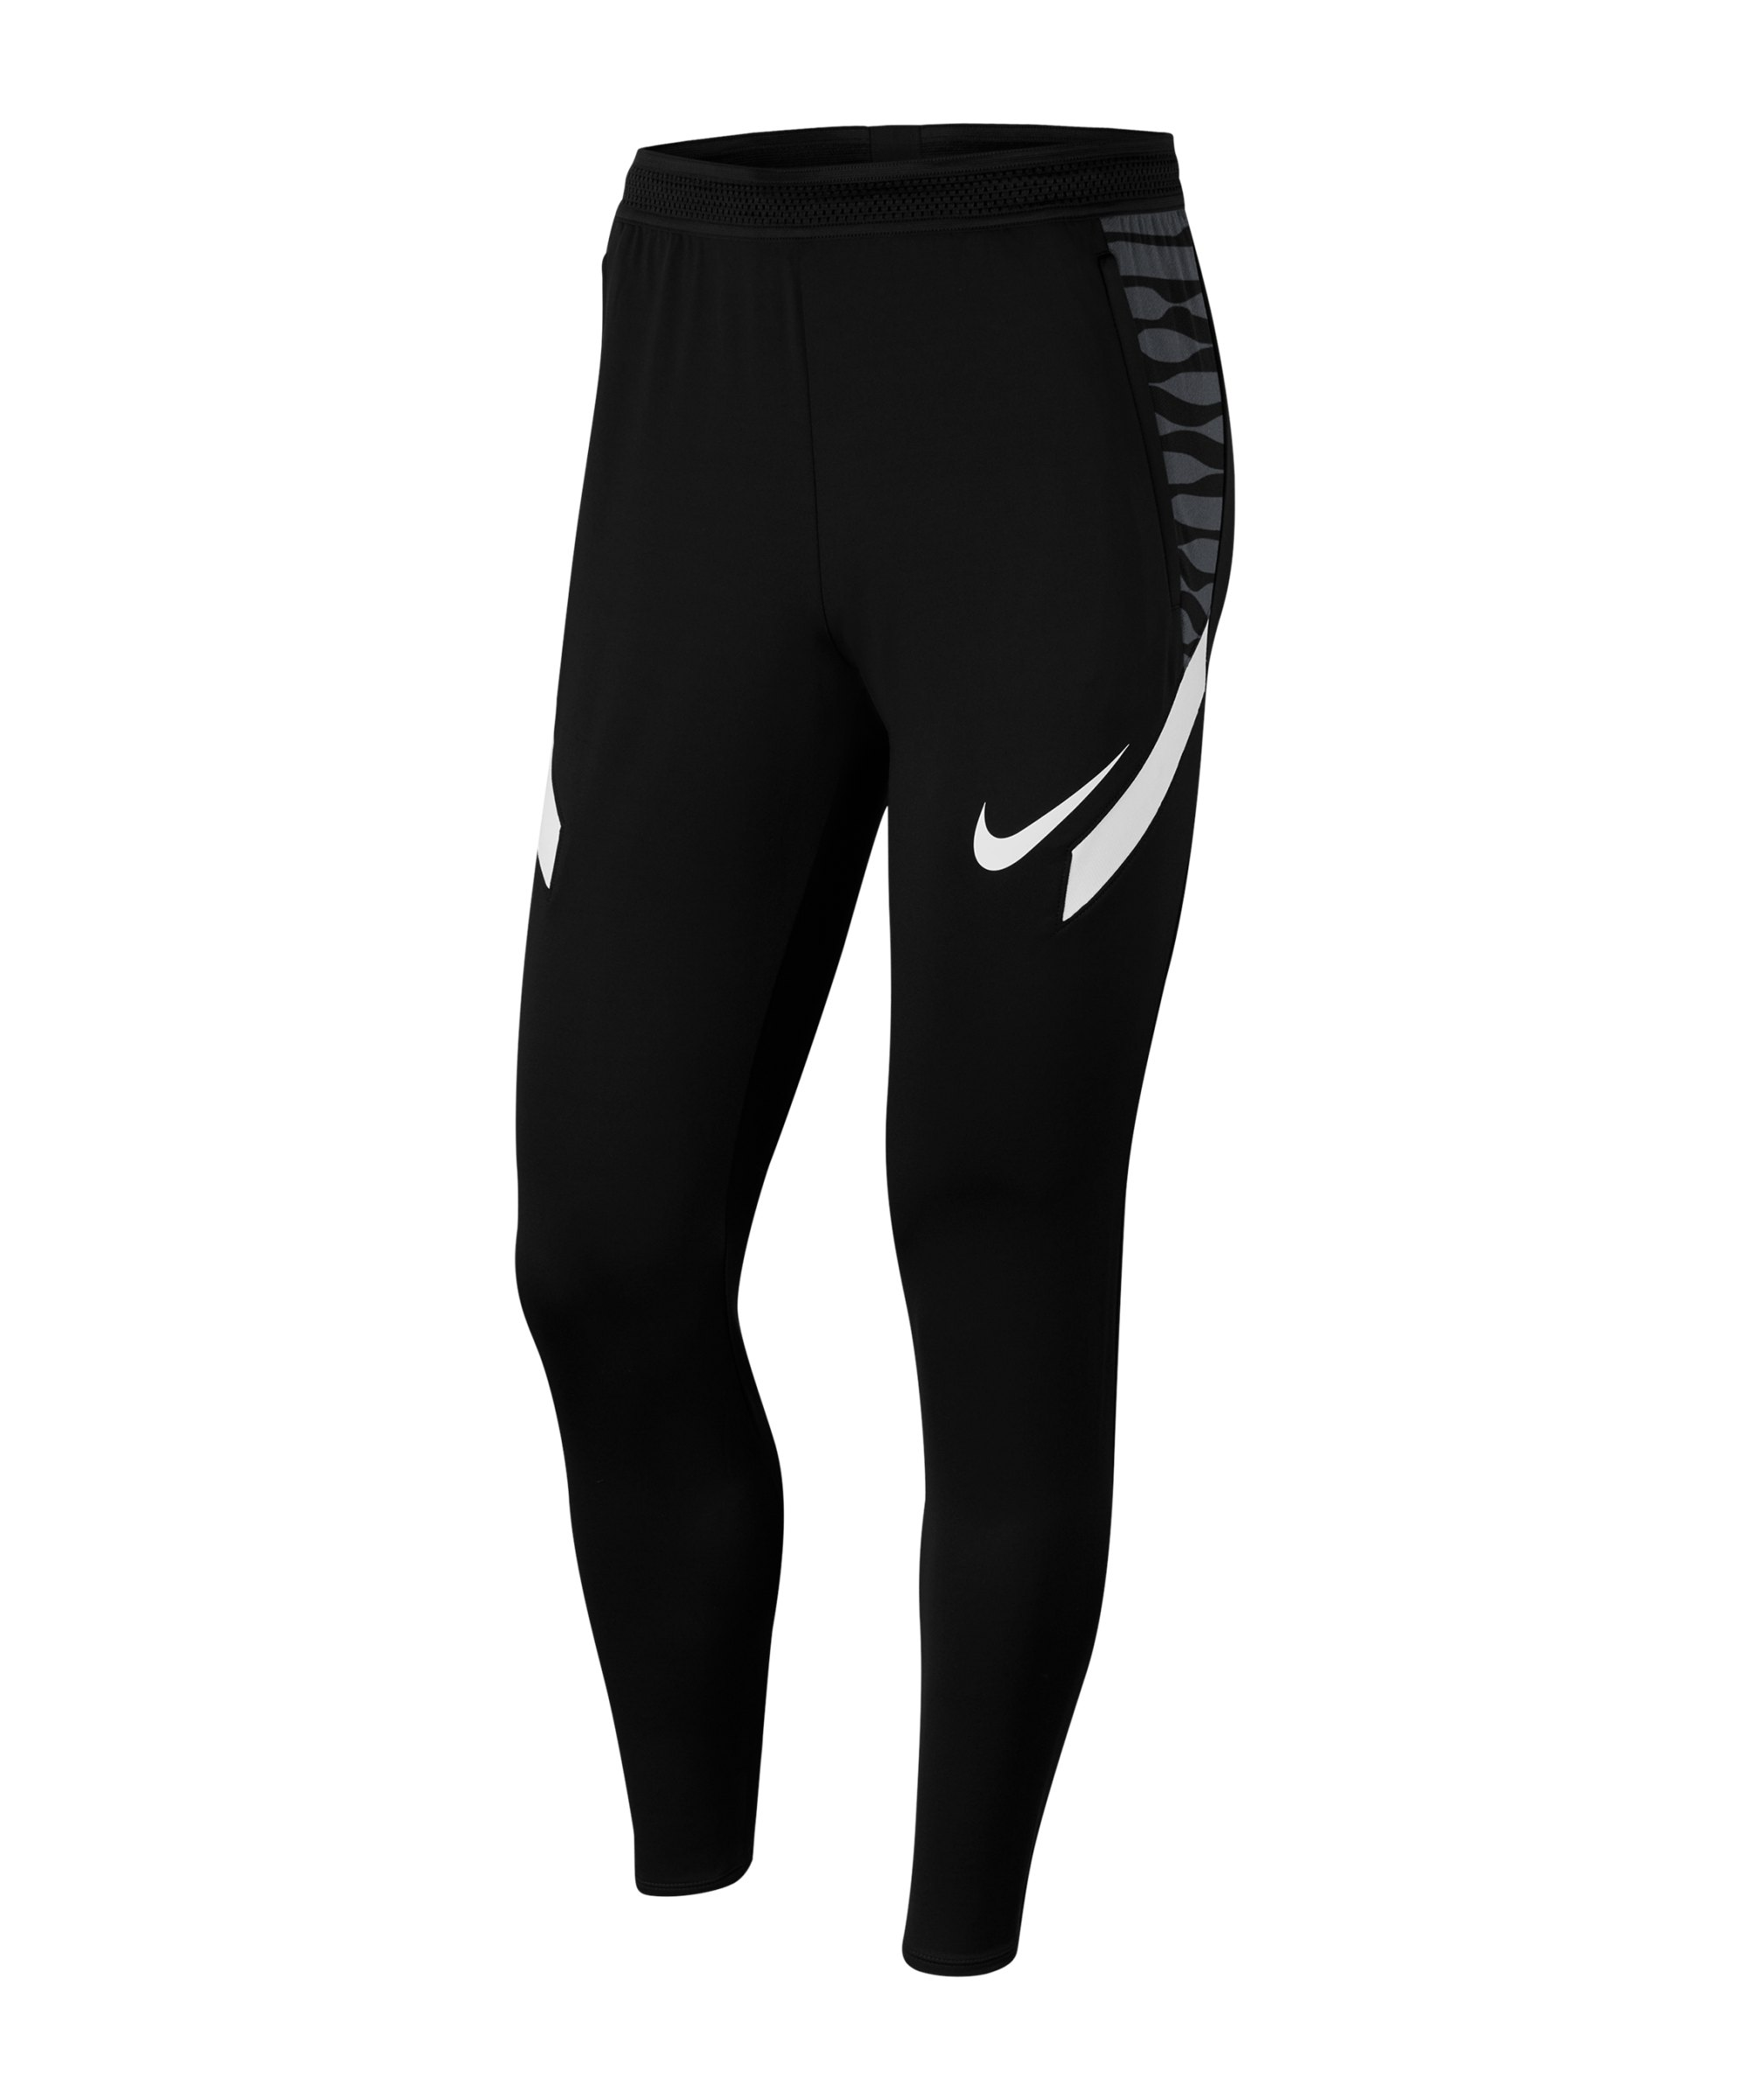 Nike Strike 21 Trainingshose Schwarz F010 - schwarz